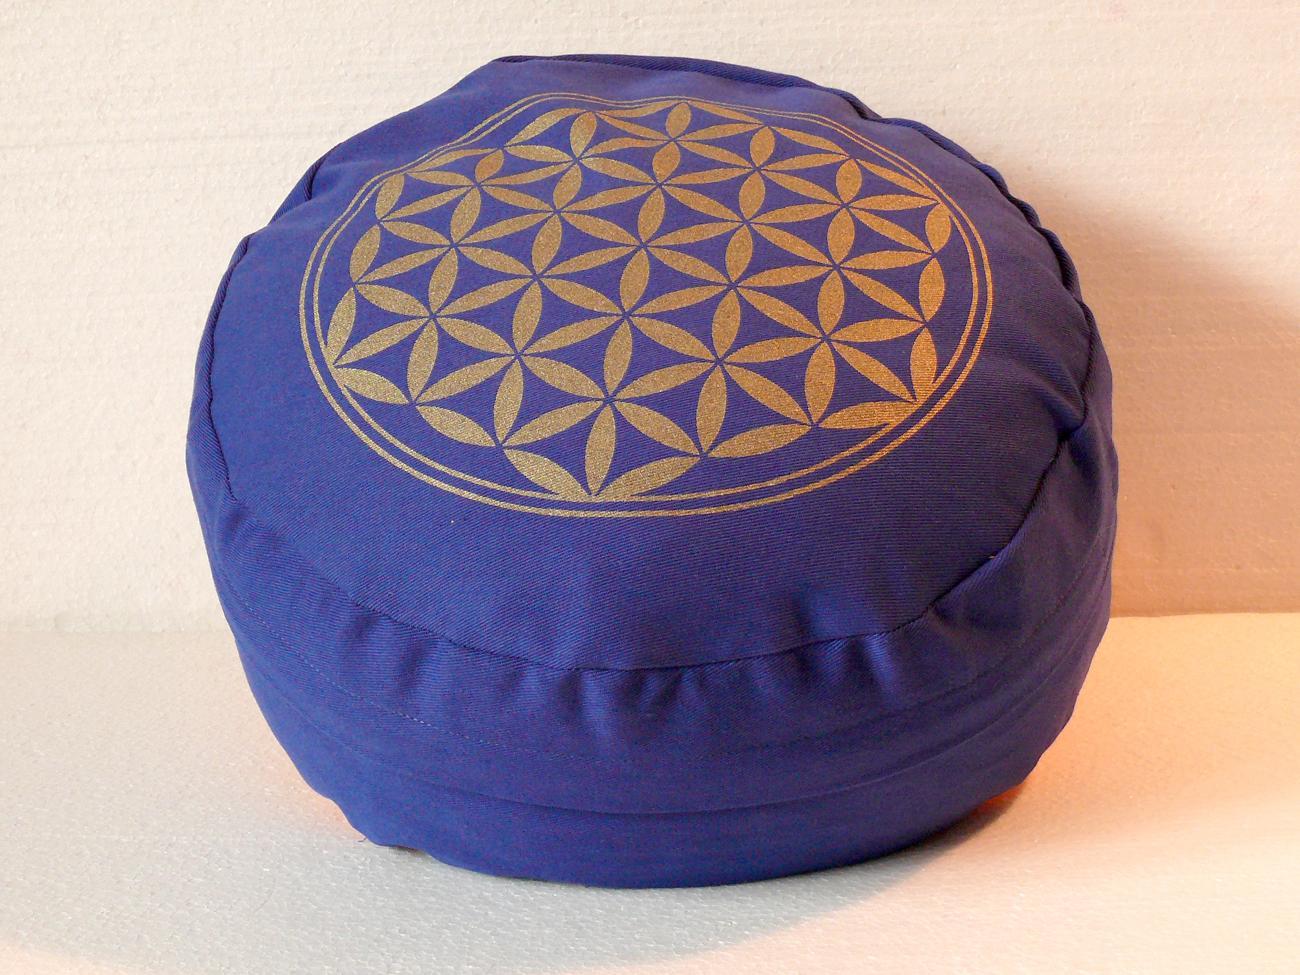 Květ života - Meditační polštář modrý (Květ života - Meditační polštář modrý)